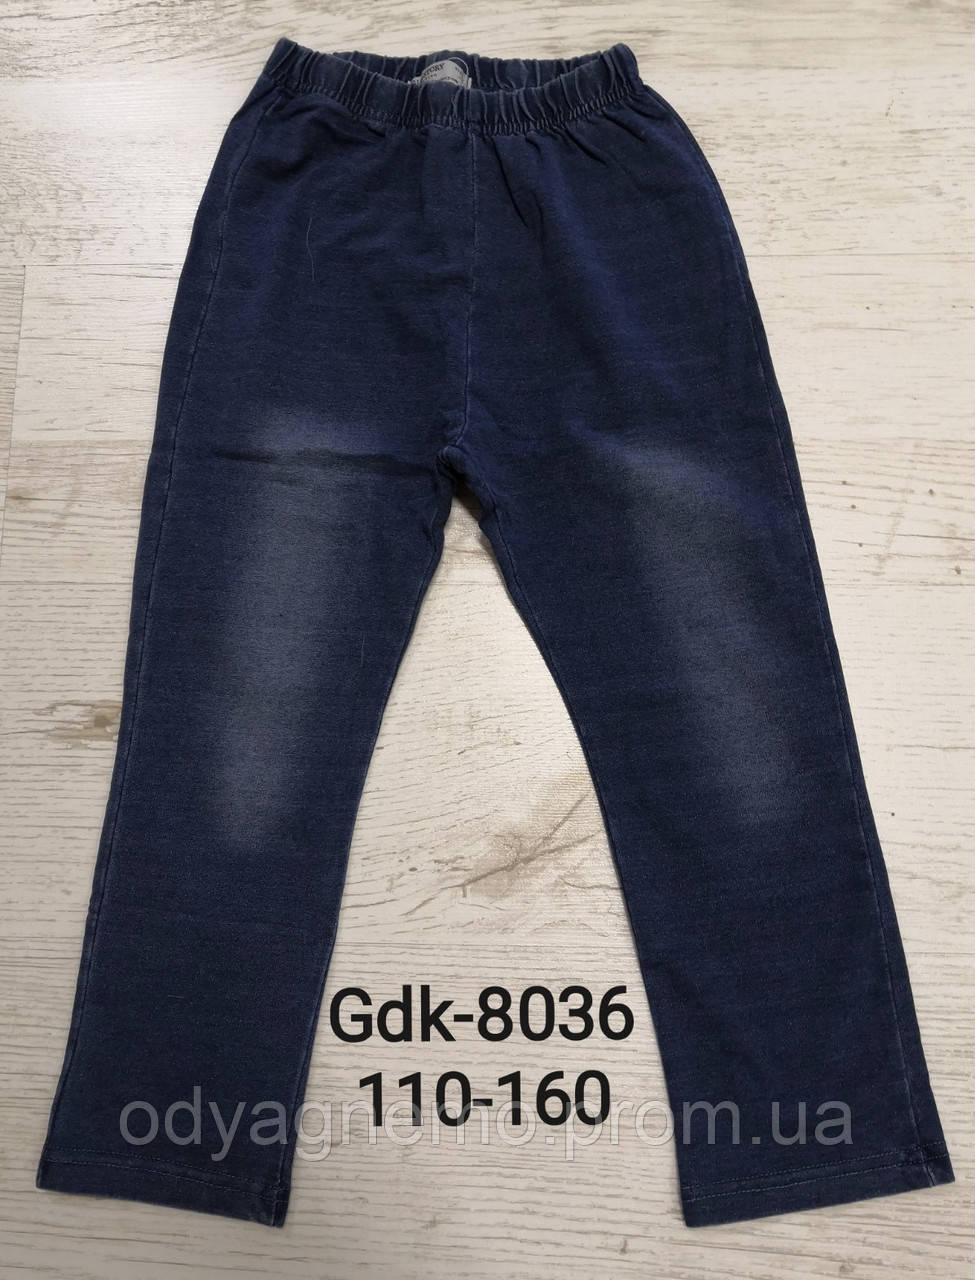 Лосины c имитацией джинсы для девочек Glo-Story оптом, 110-160 pp. Артикул: GDK8036